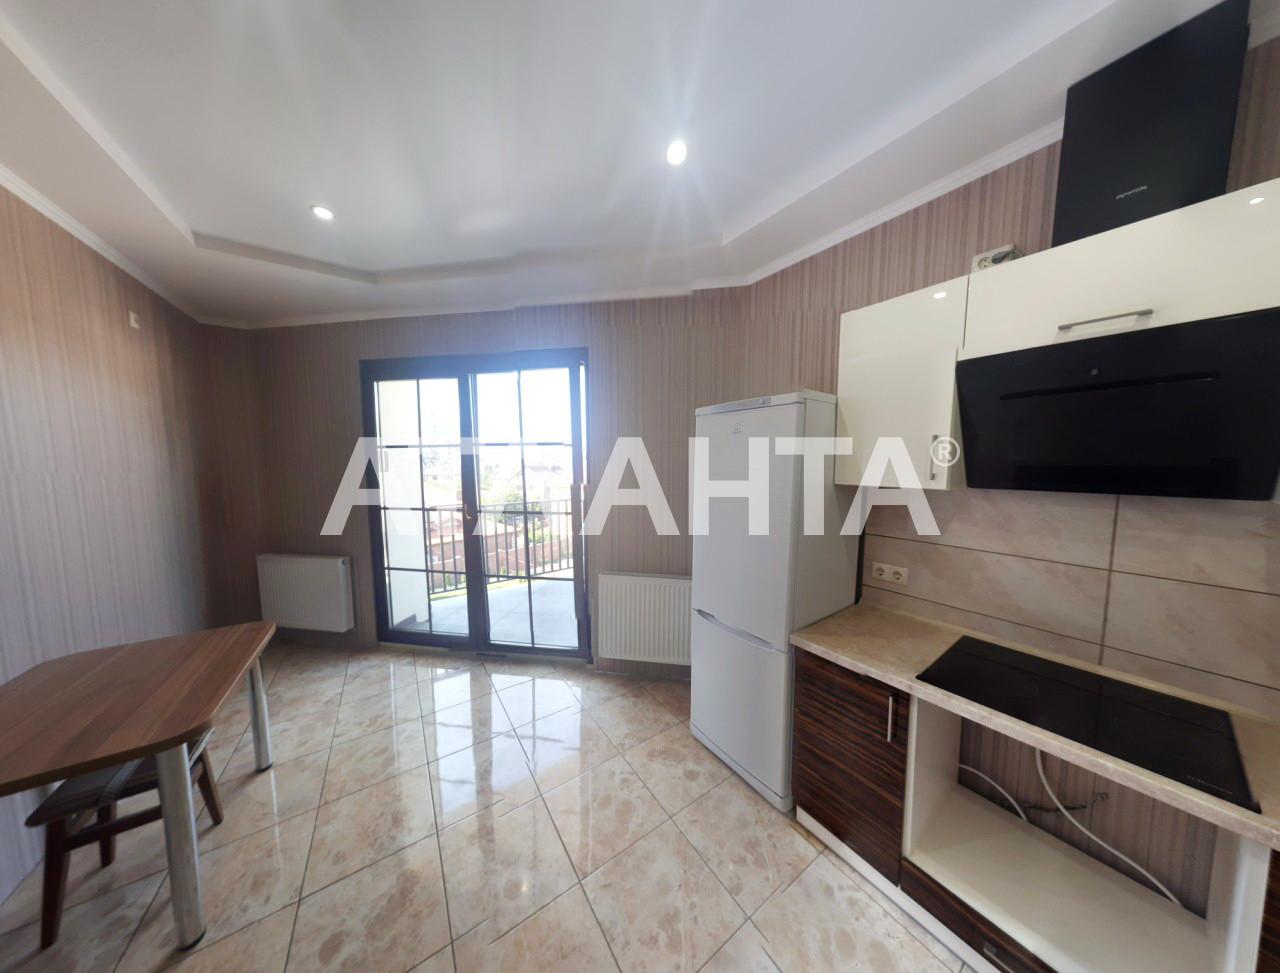 Продается 1-комнатная Квартира на ул. Ул. Вильямса — 60 000 у.е. (фото №5)